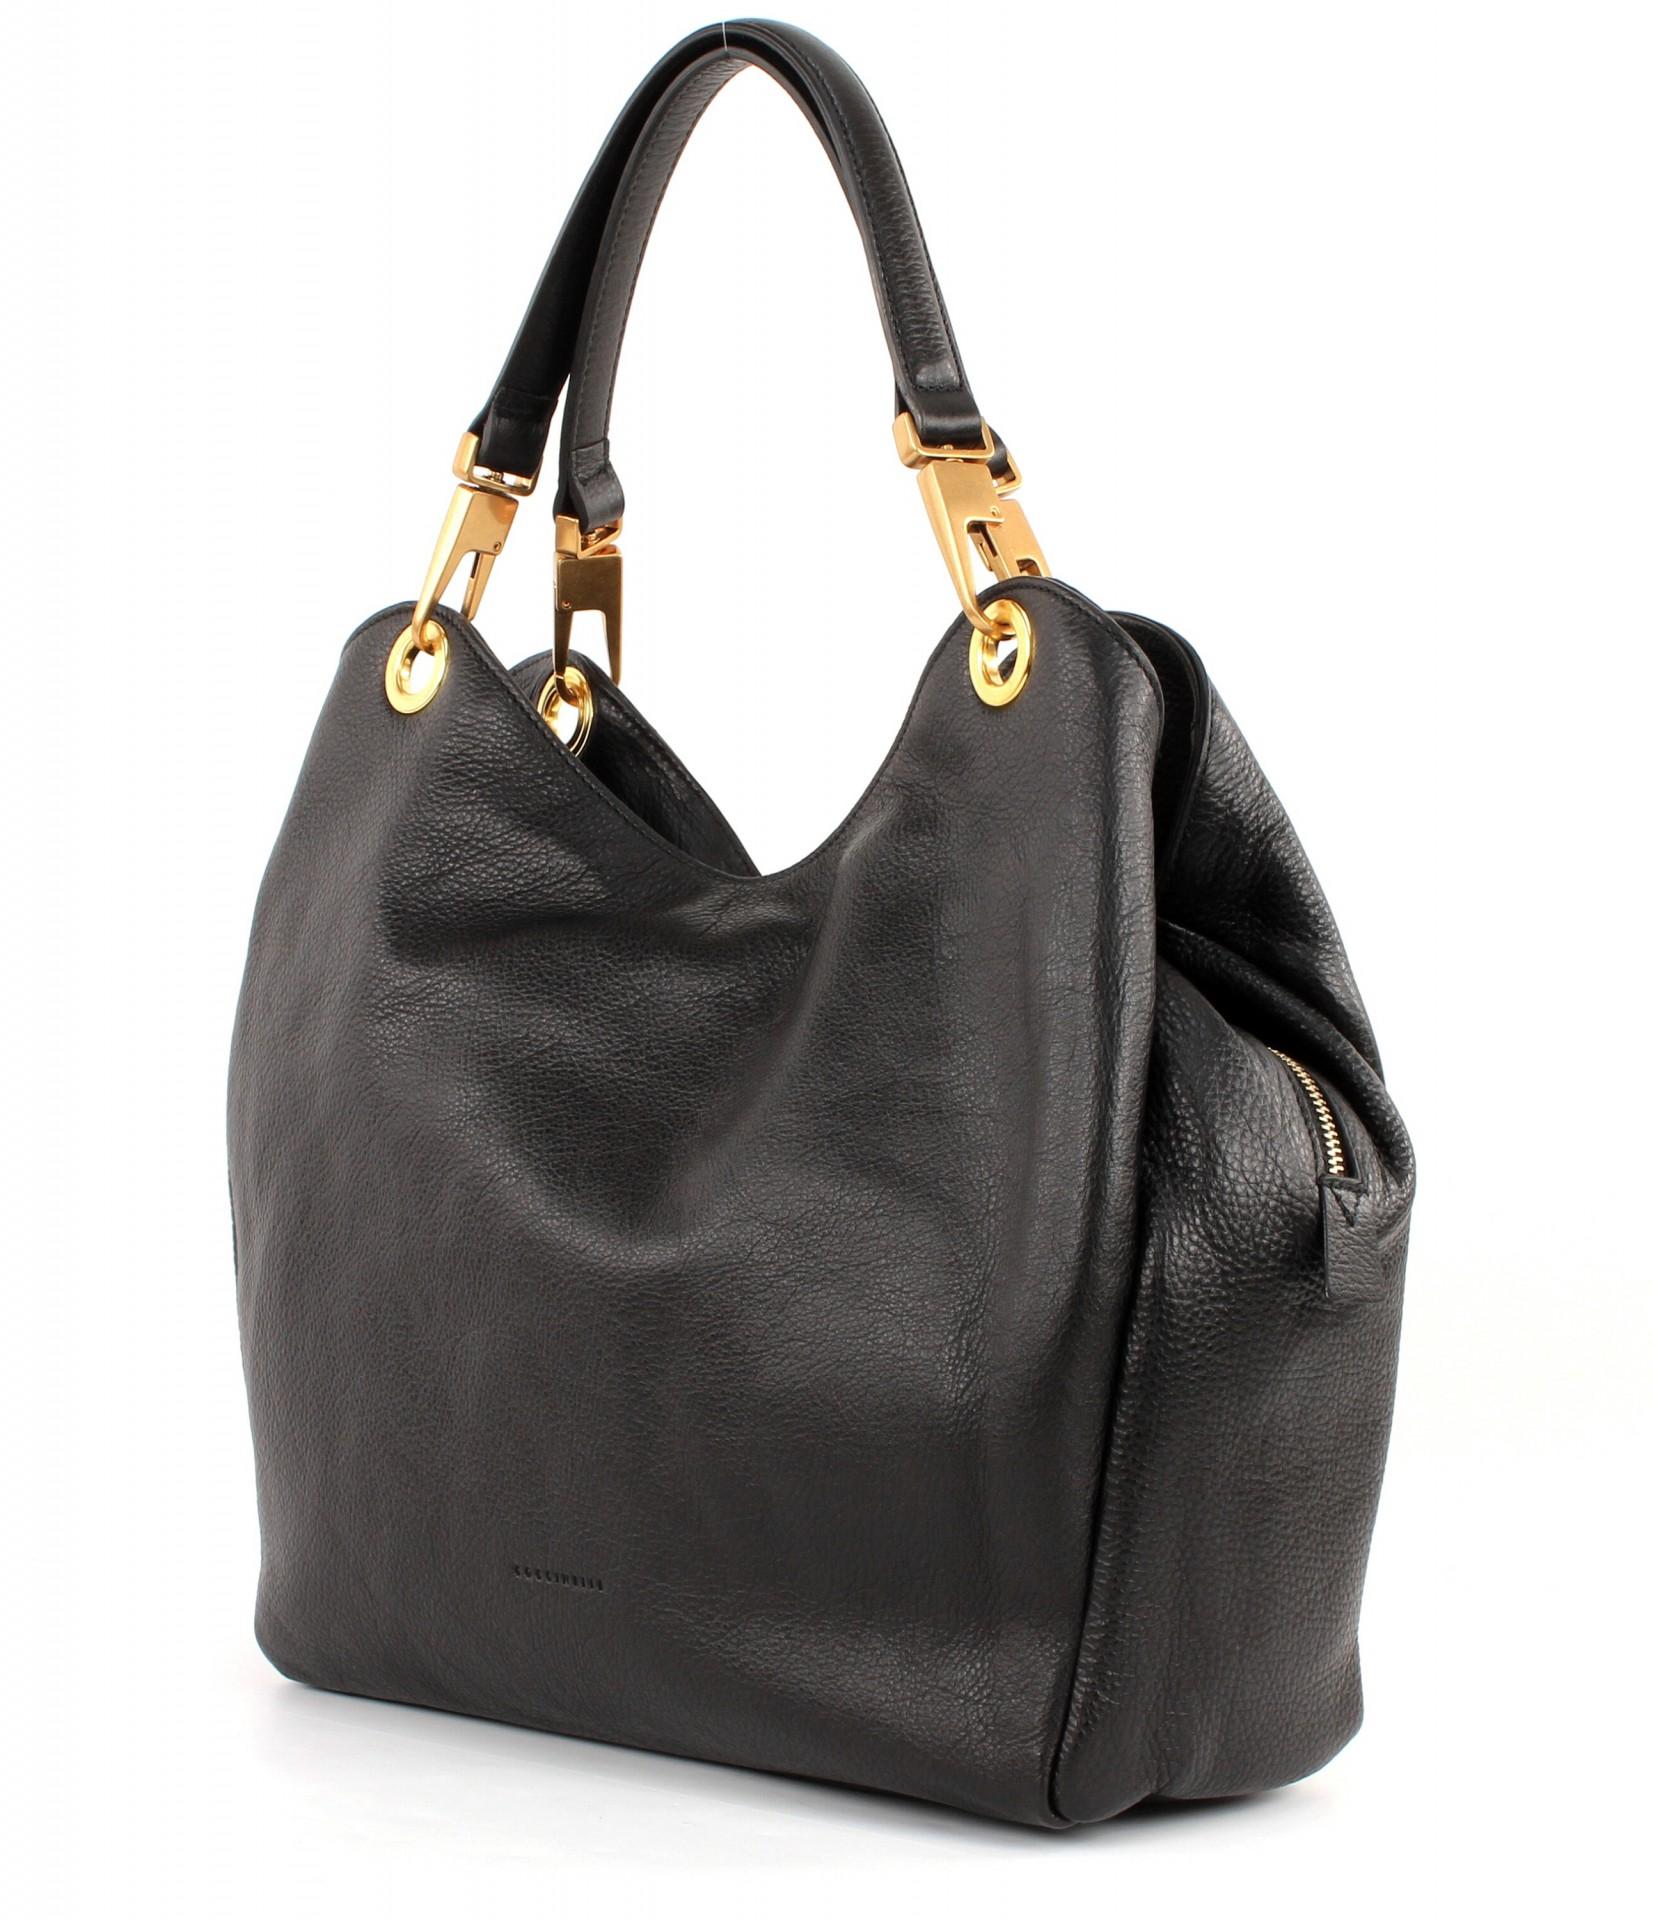 coccinelle roxy shoulderbag schultertasche tasche handtasche damen schwarz black ebay. Black Bedroom Furniture Sets. Home Design Ideas